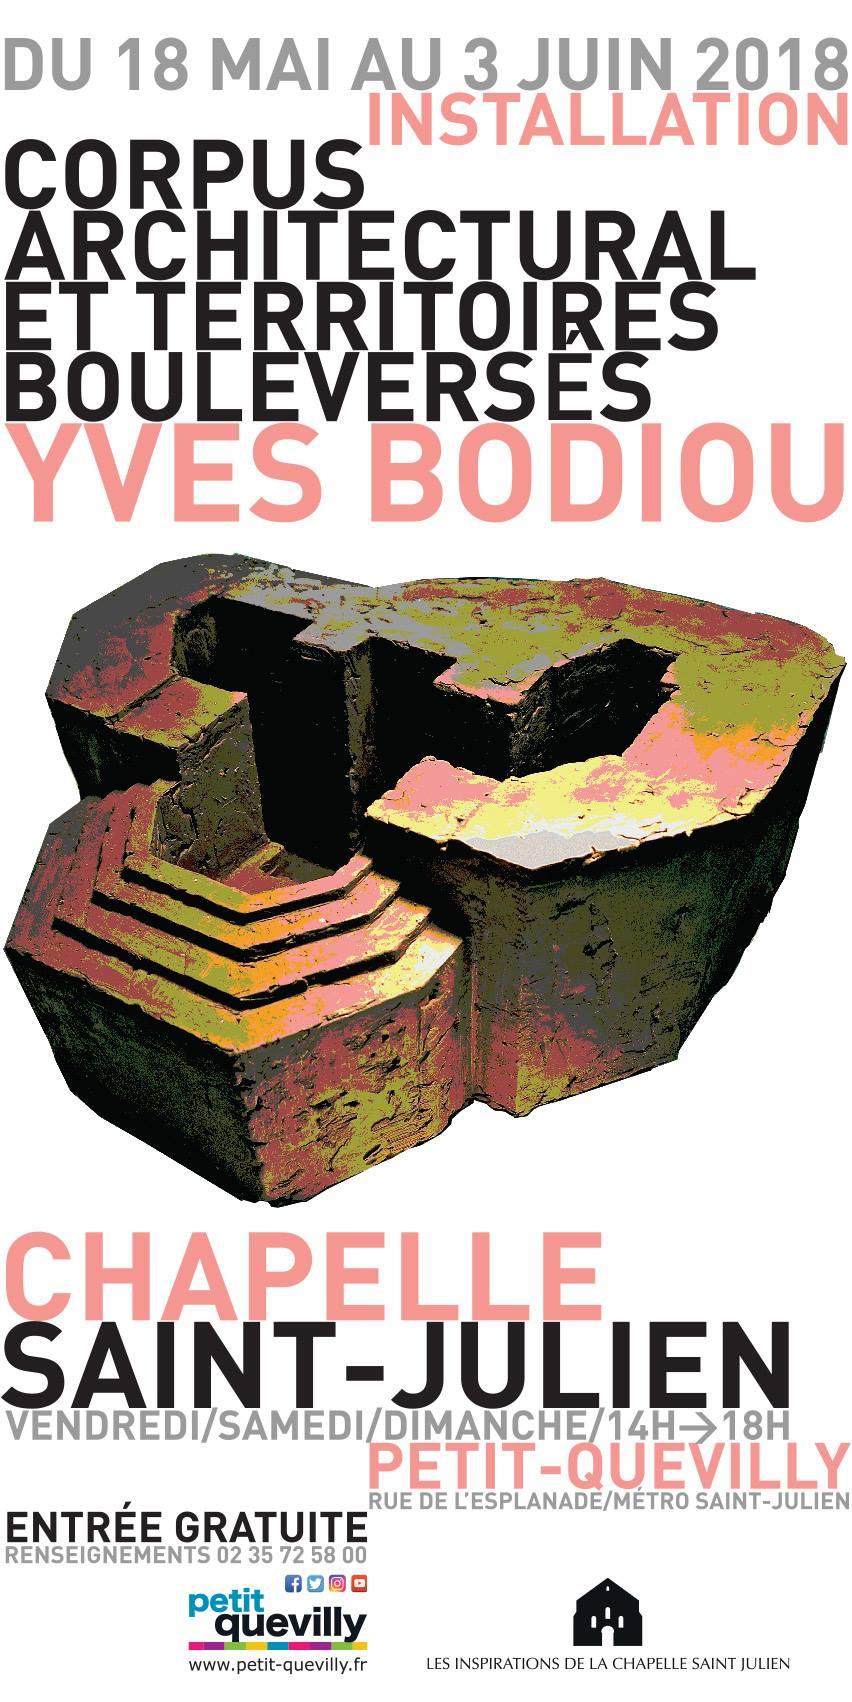 Yves Bodiou